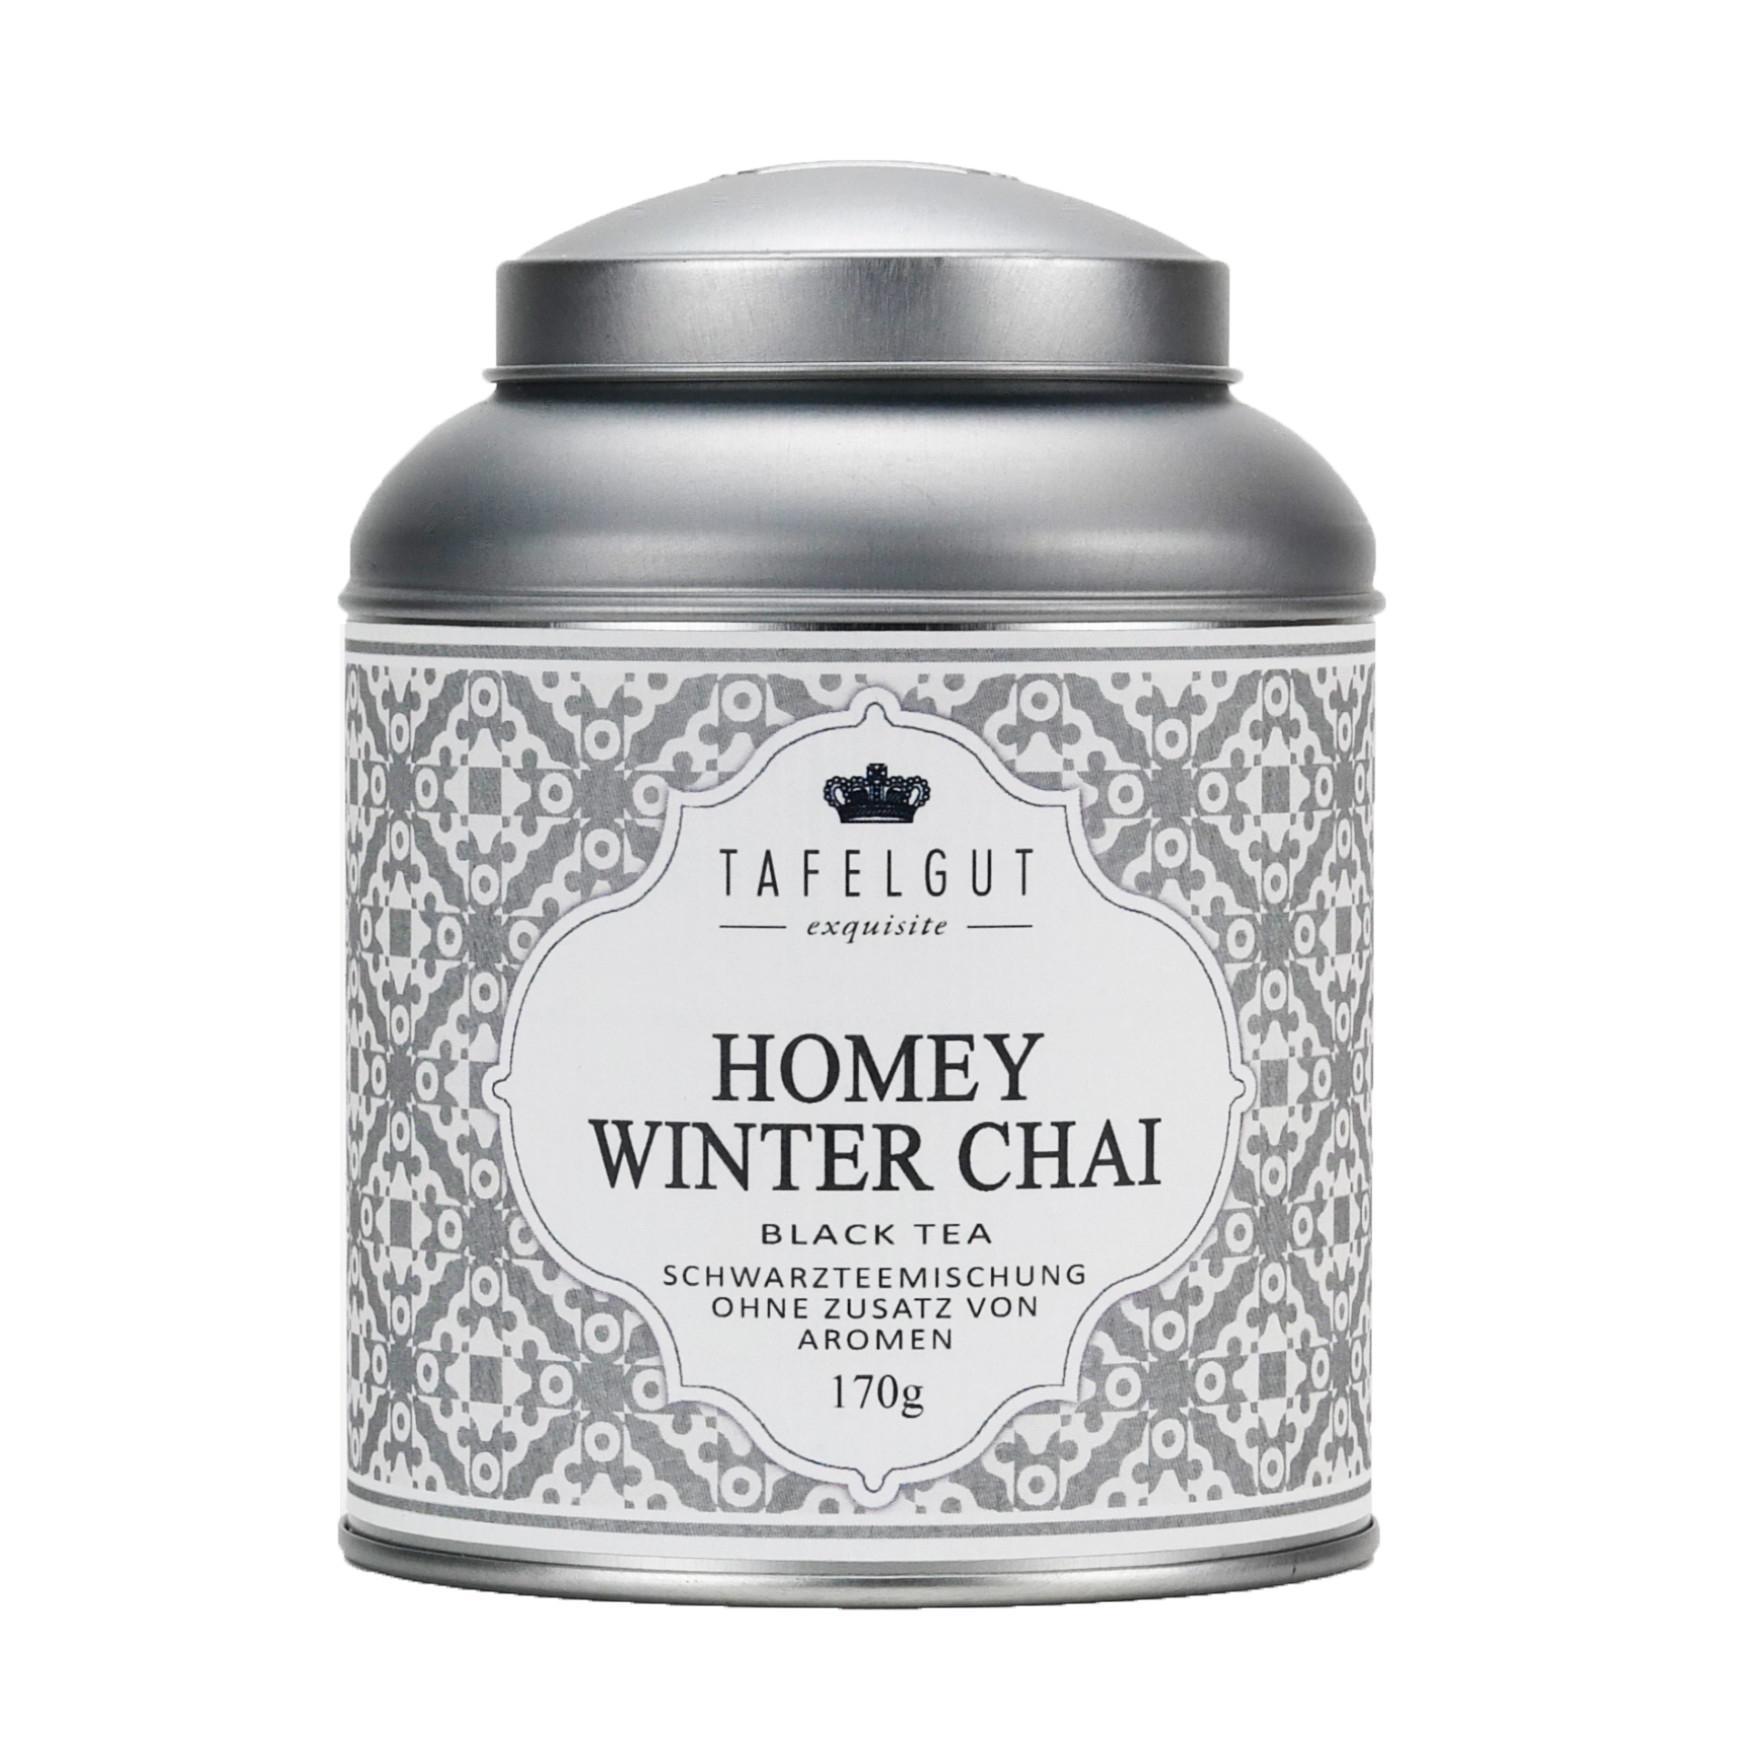 TAFELGUT Černý čaj Homey winter chai - 170gr, šedá barva, kov